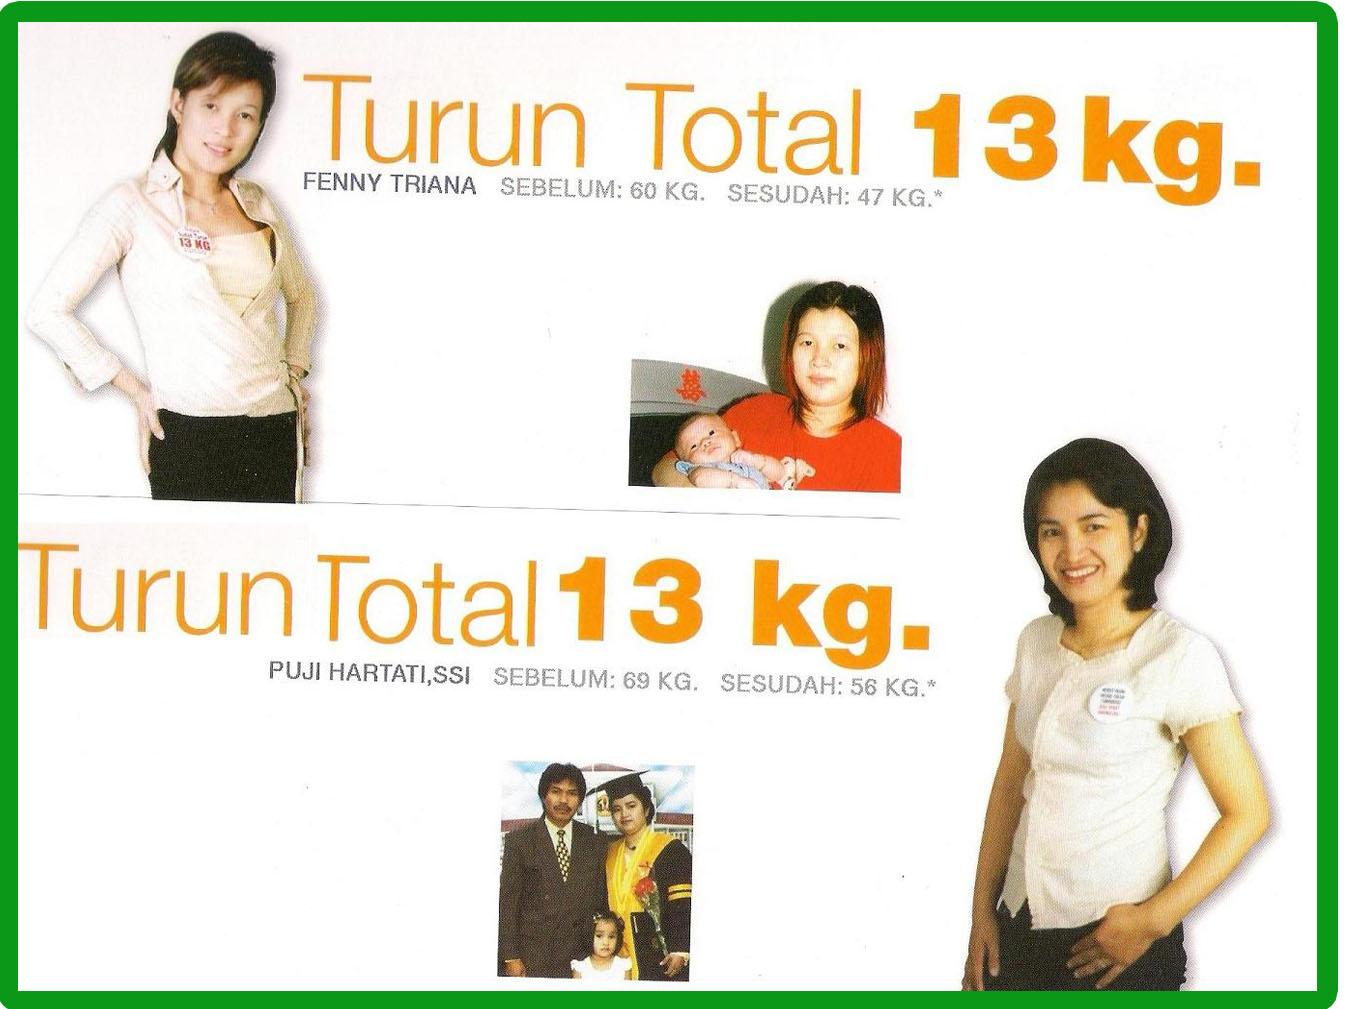 badan cara melangsingkan tubuh cara 402 x 402 jpeg 170kb berat badan ...